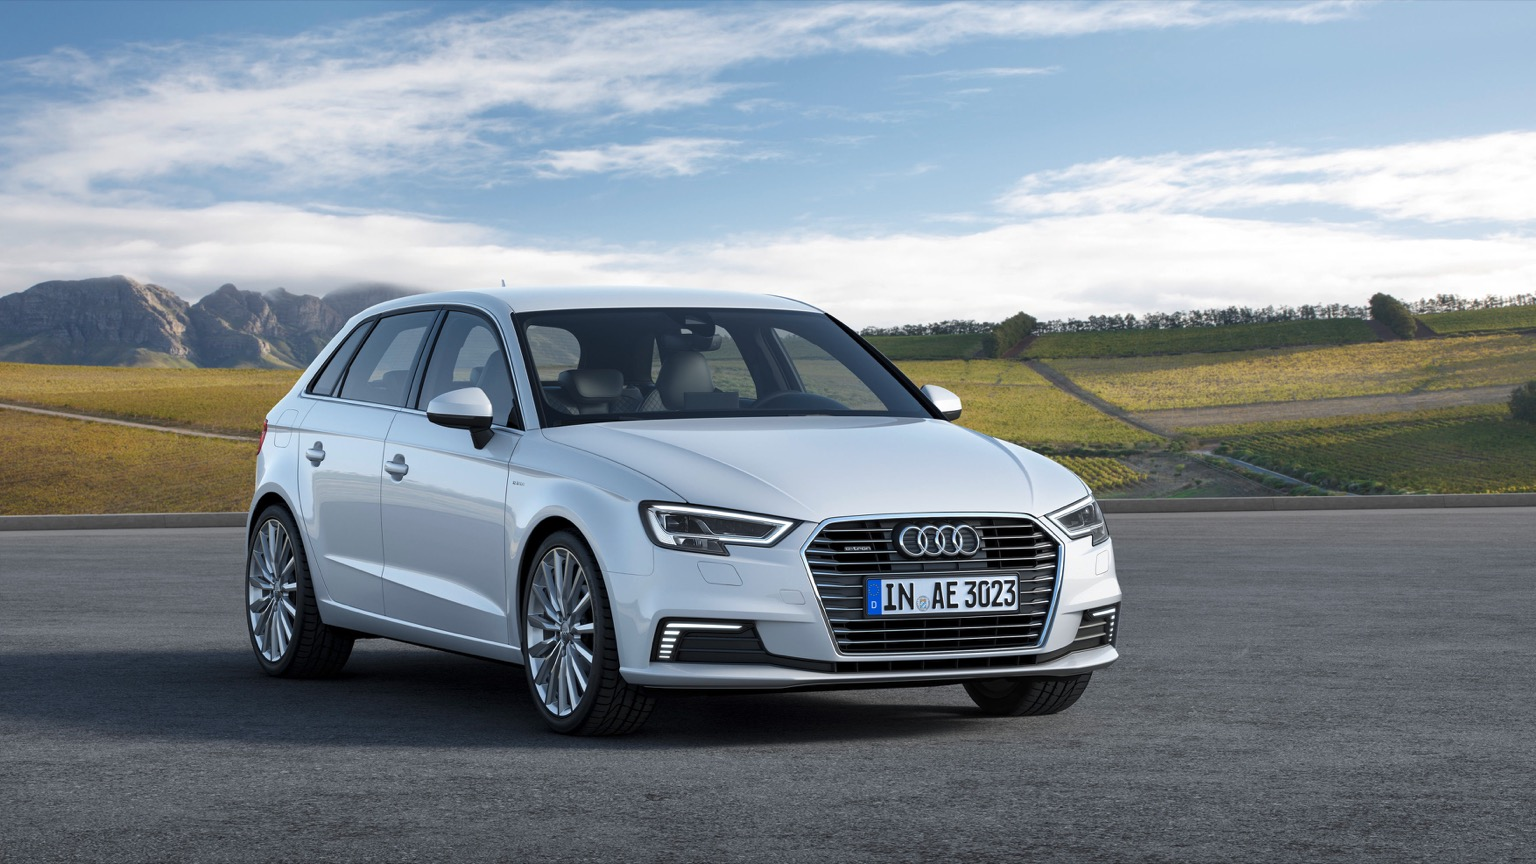 Audi A3 Sportback e-tron (2016)